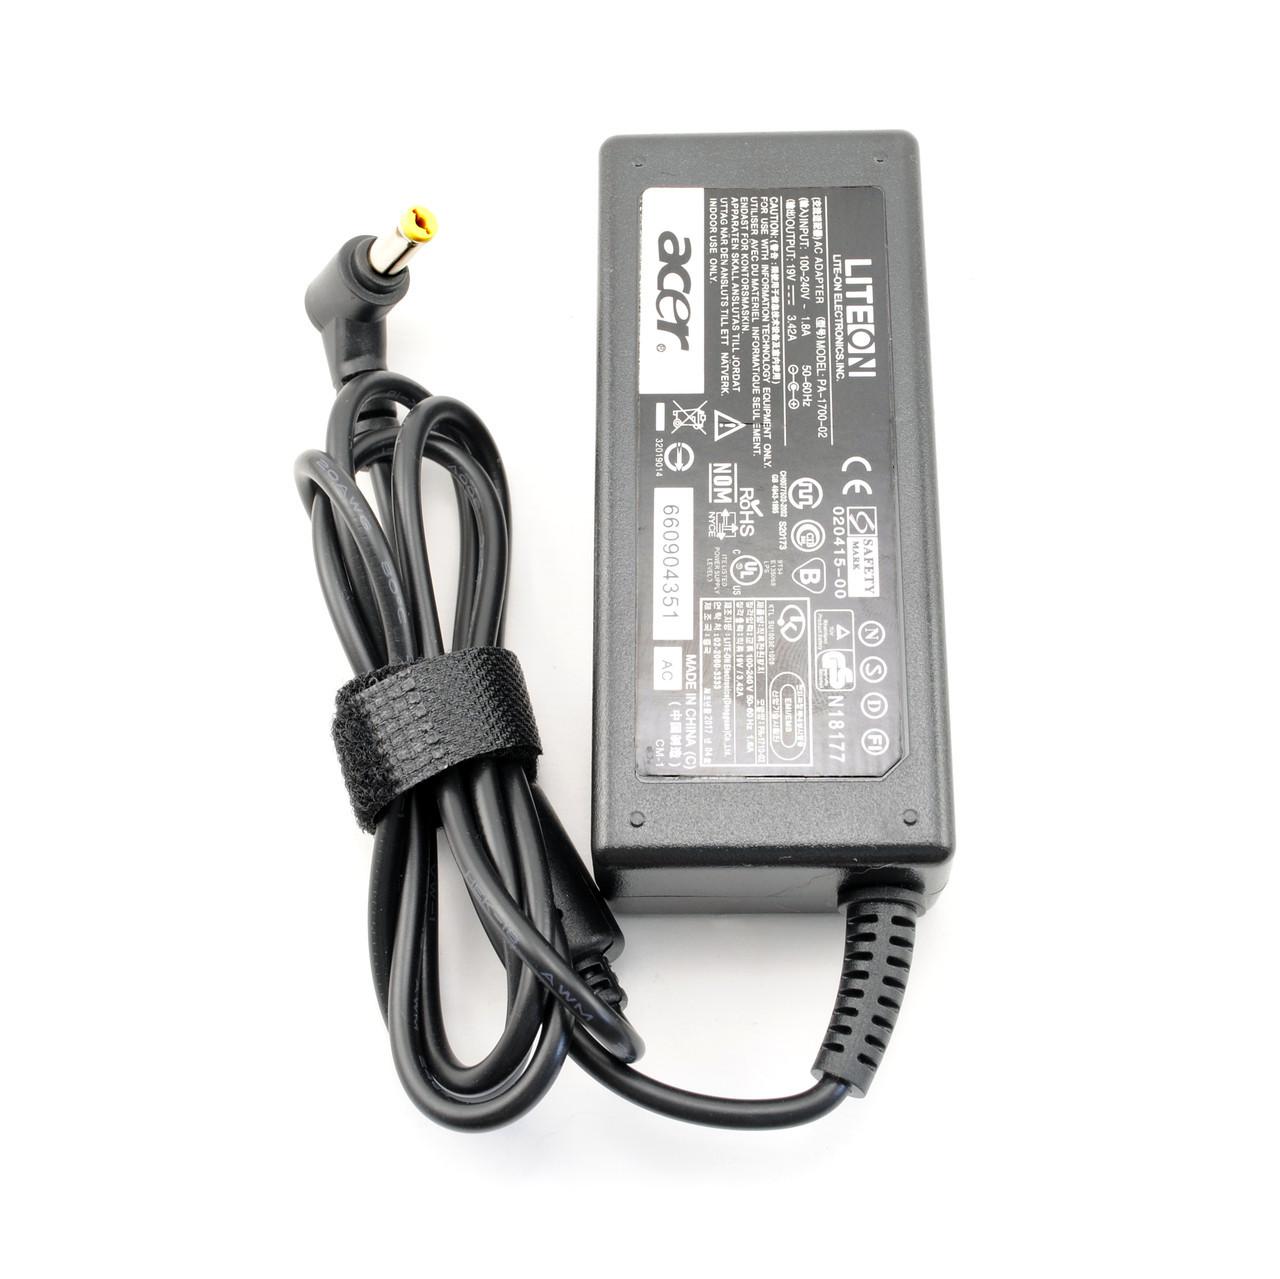 Зарядка для ноутбука Acer 19v, 3.42А, 5.5x1.7мм